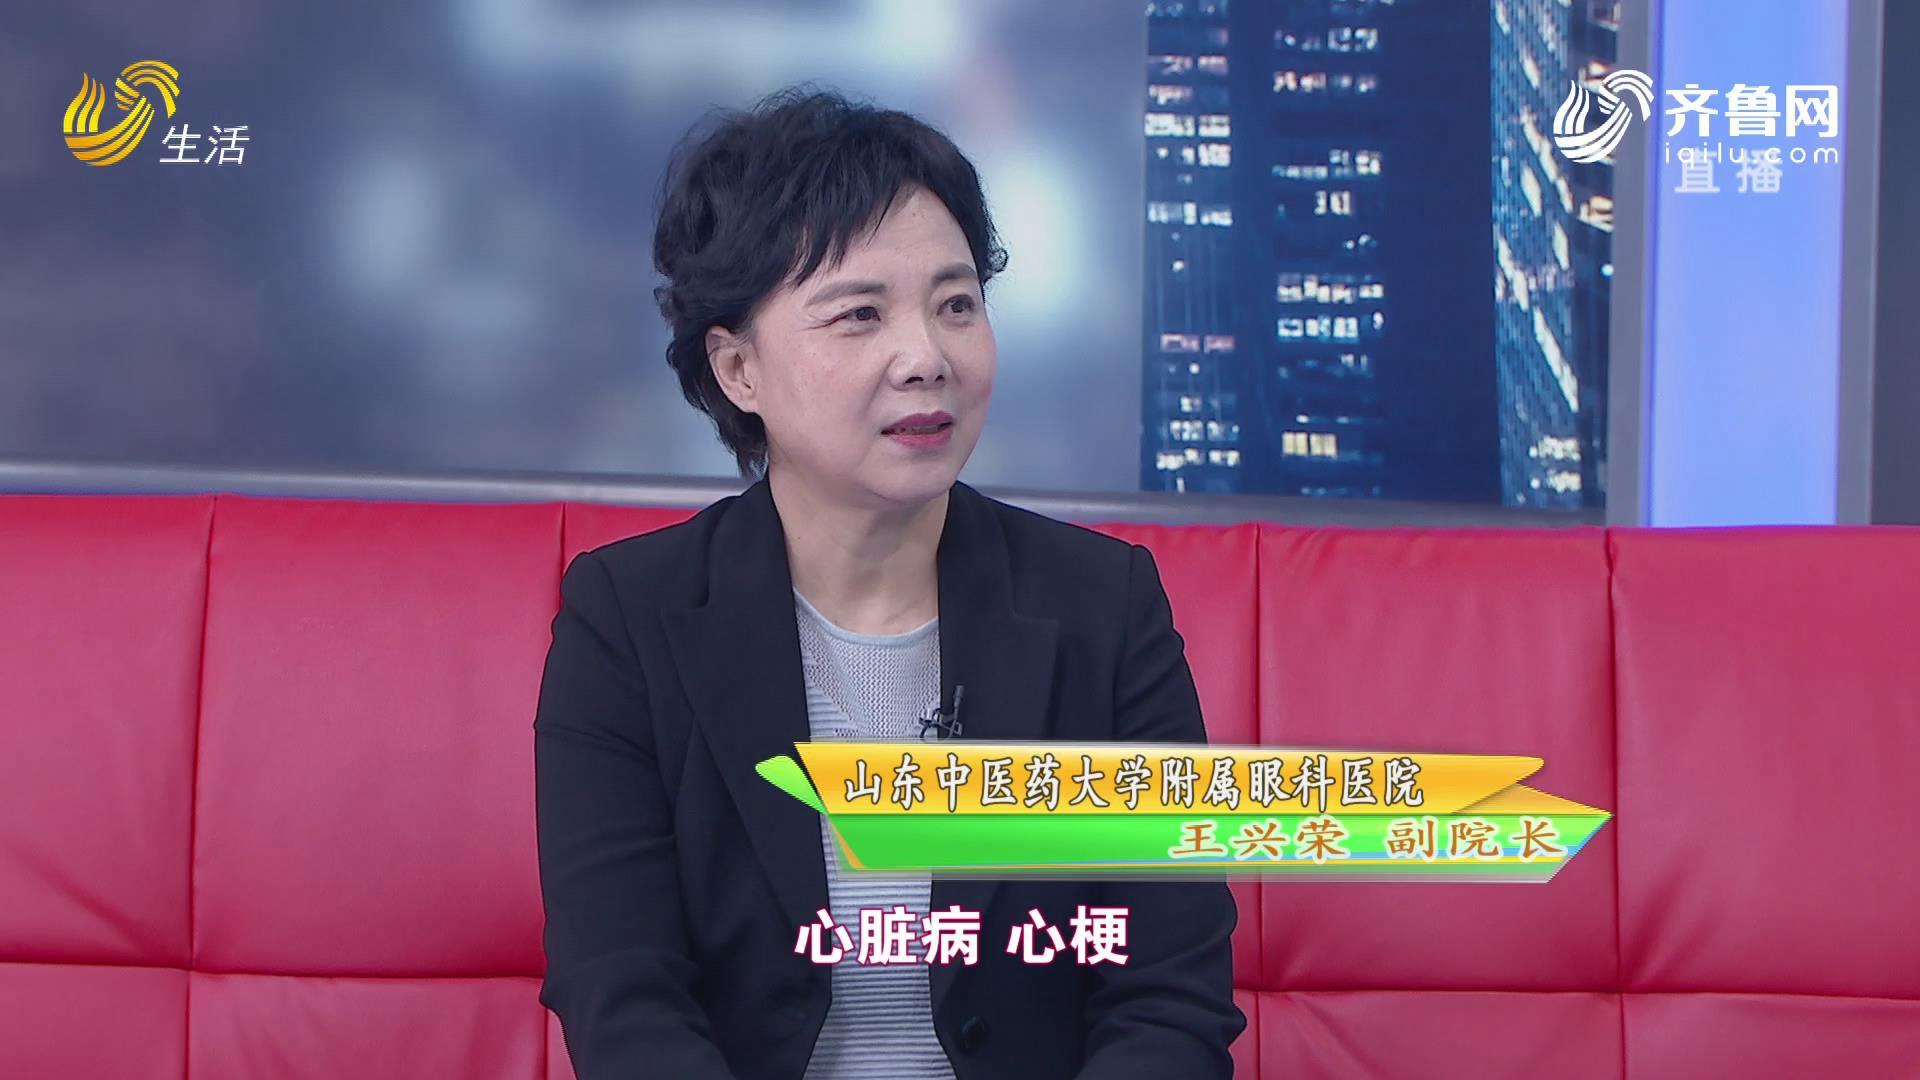 中国式养老-老年人突发眼病应该如何处理